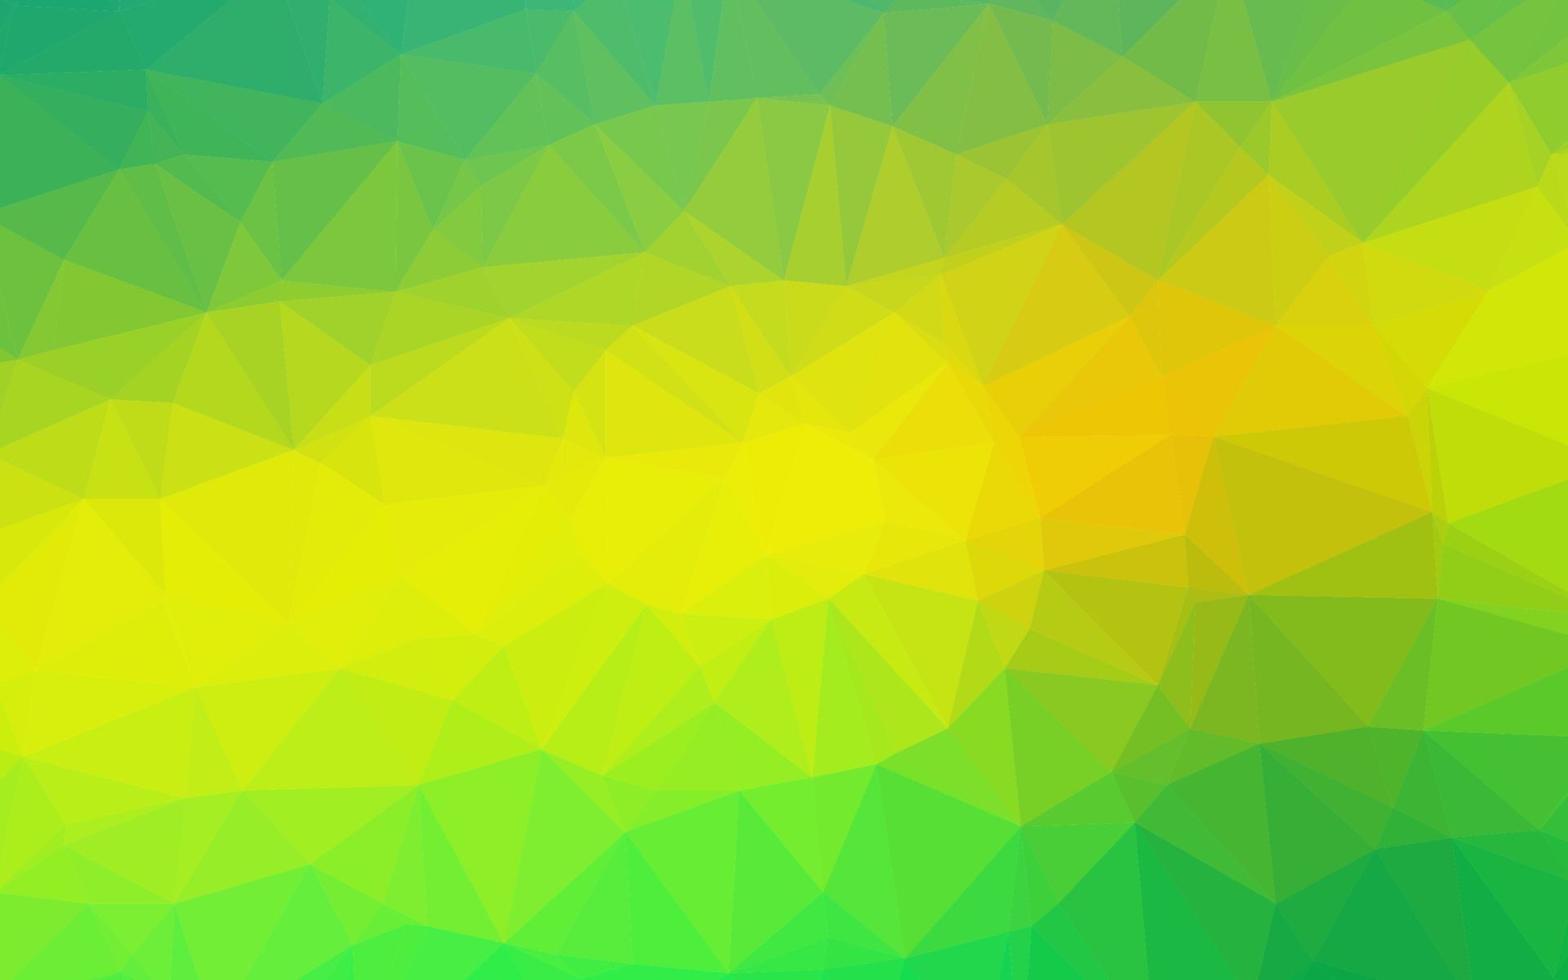 textura de mosaico de triângulo de vetor verde e amarelo claro.